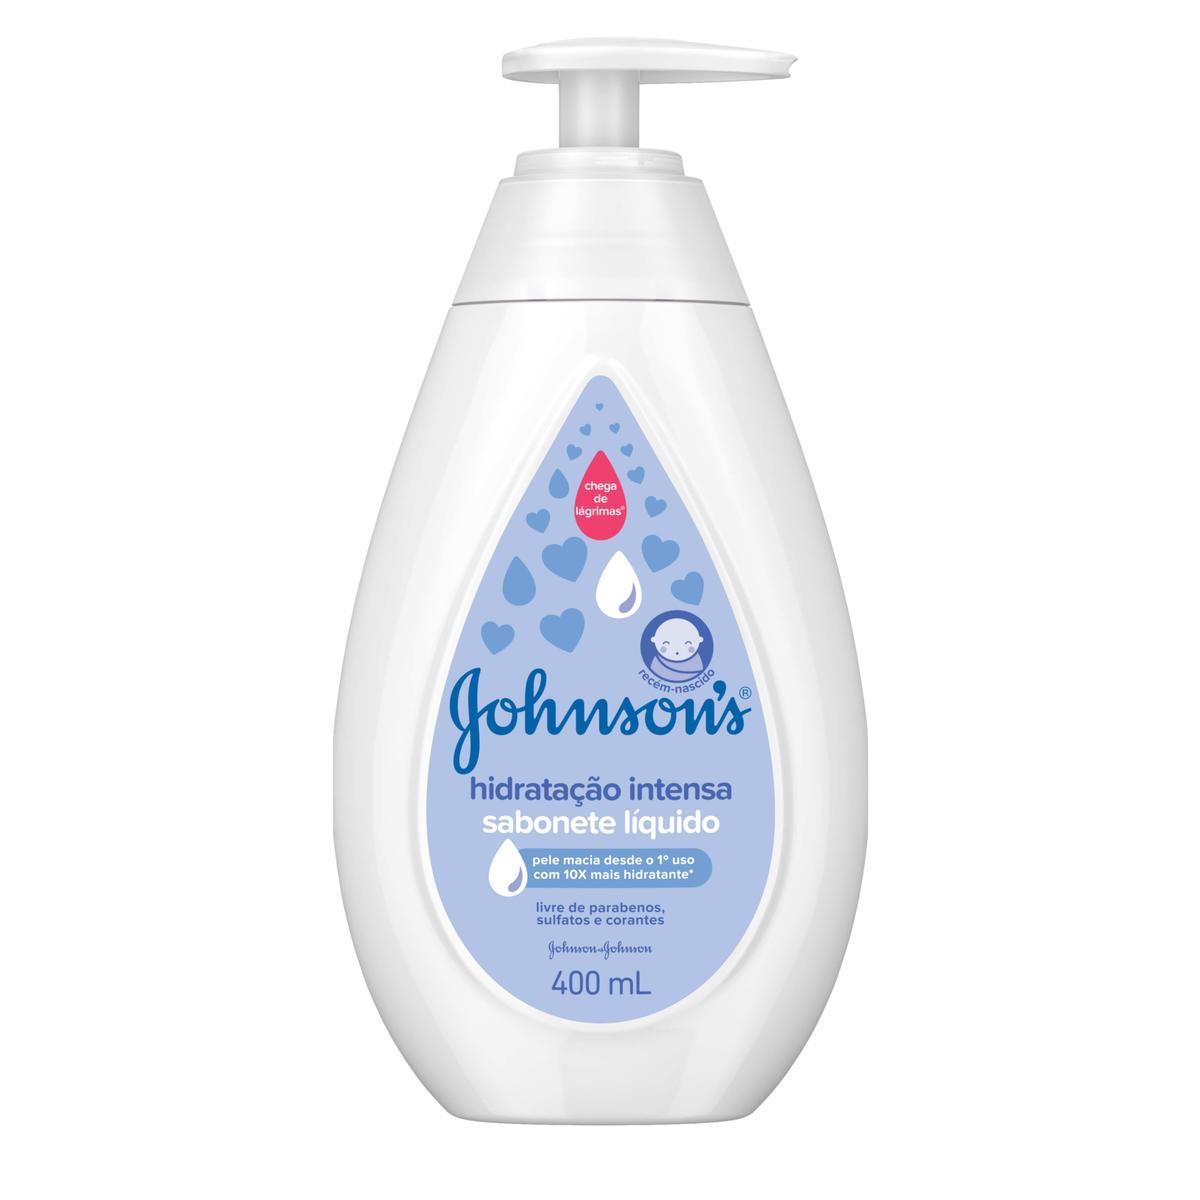 JOHNSON'S® Sabonete Líquido Hidratação Intensa